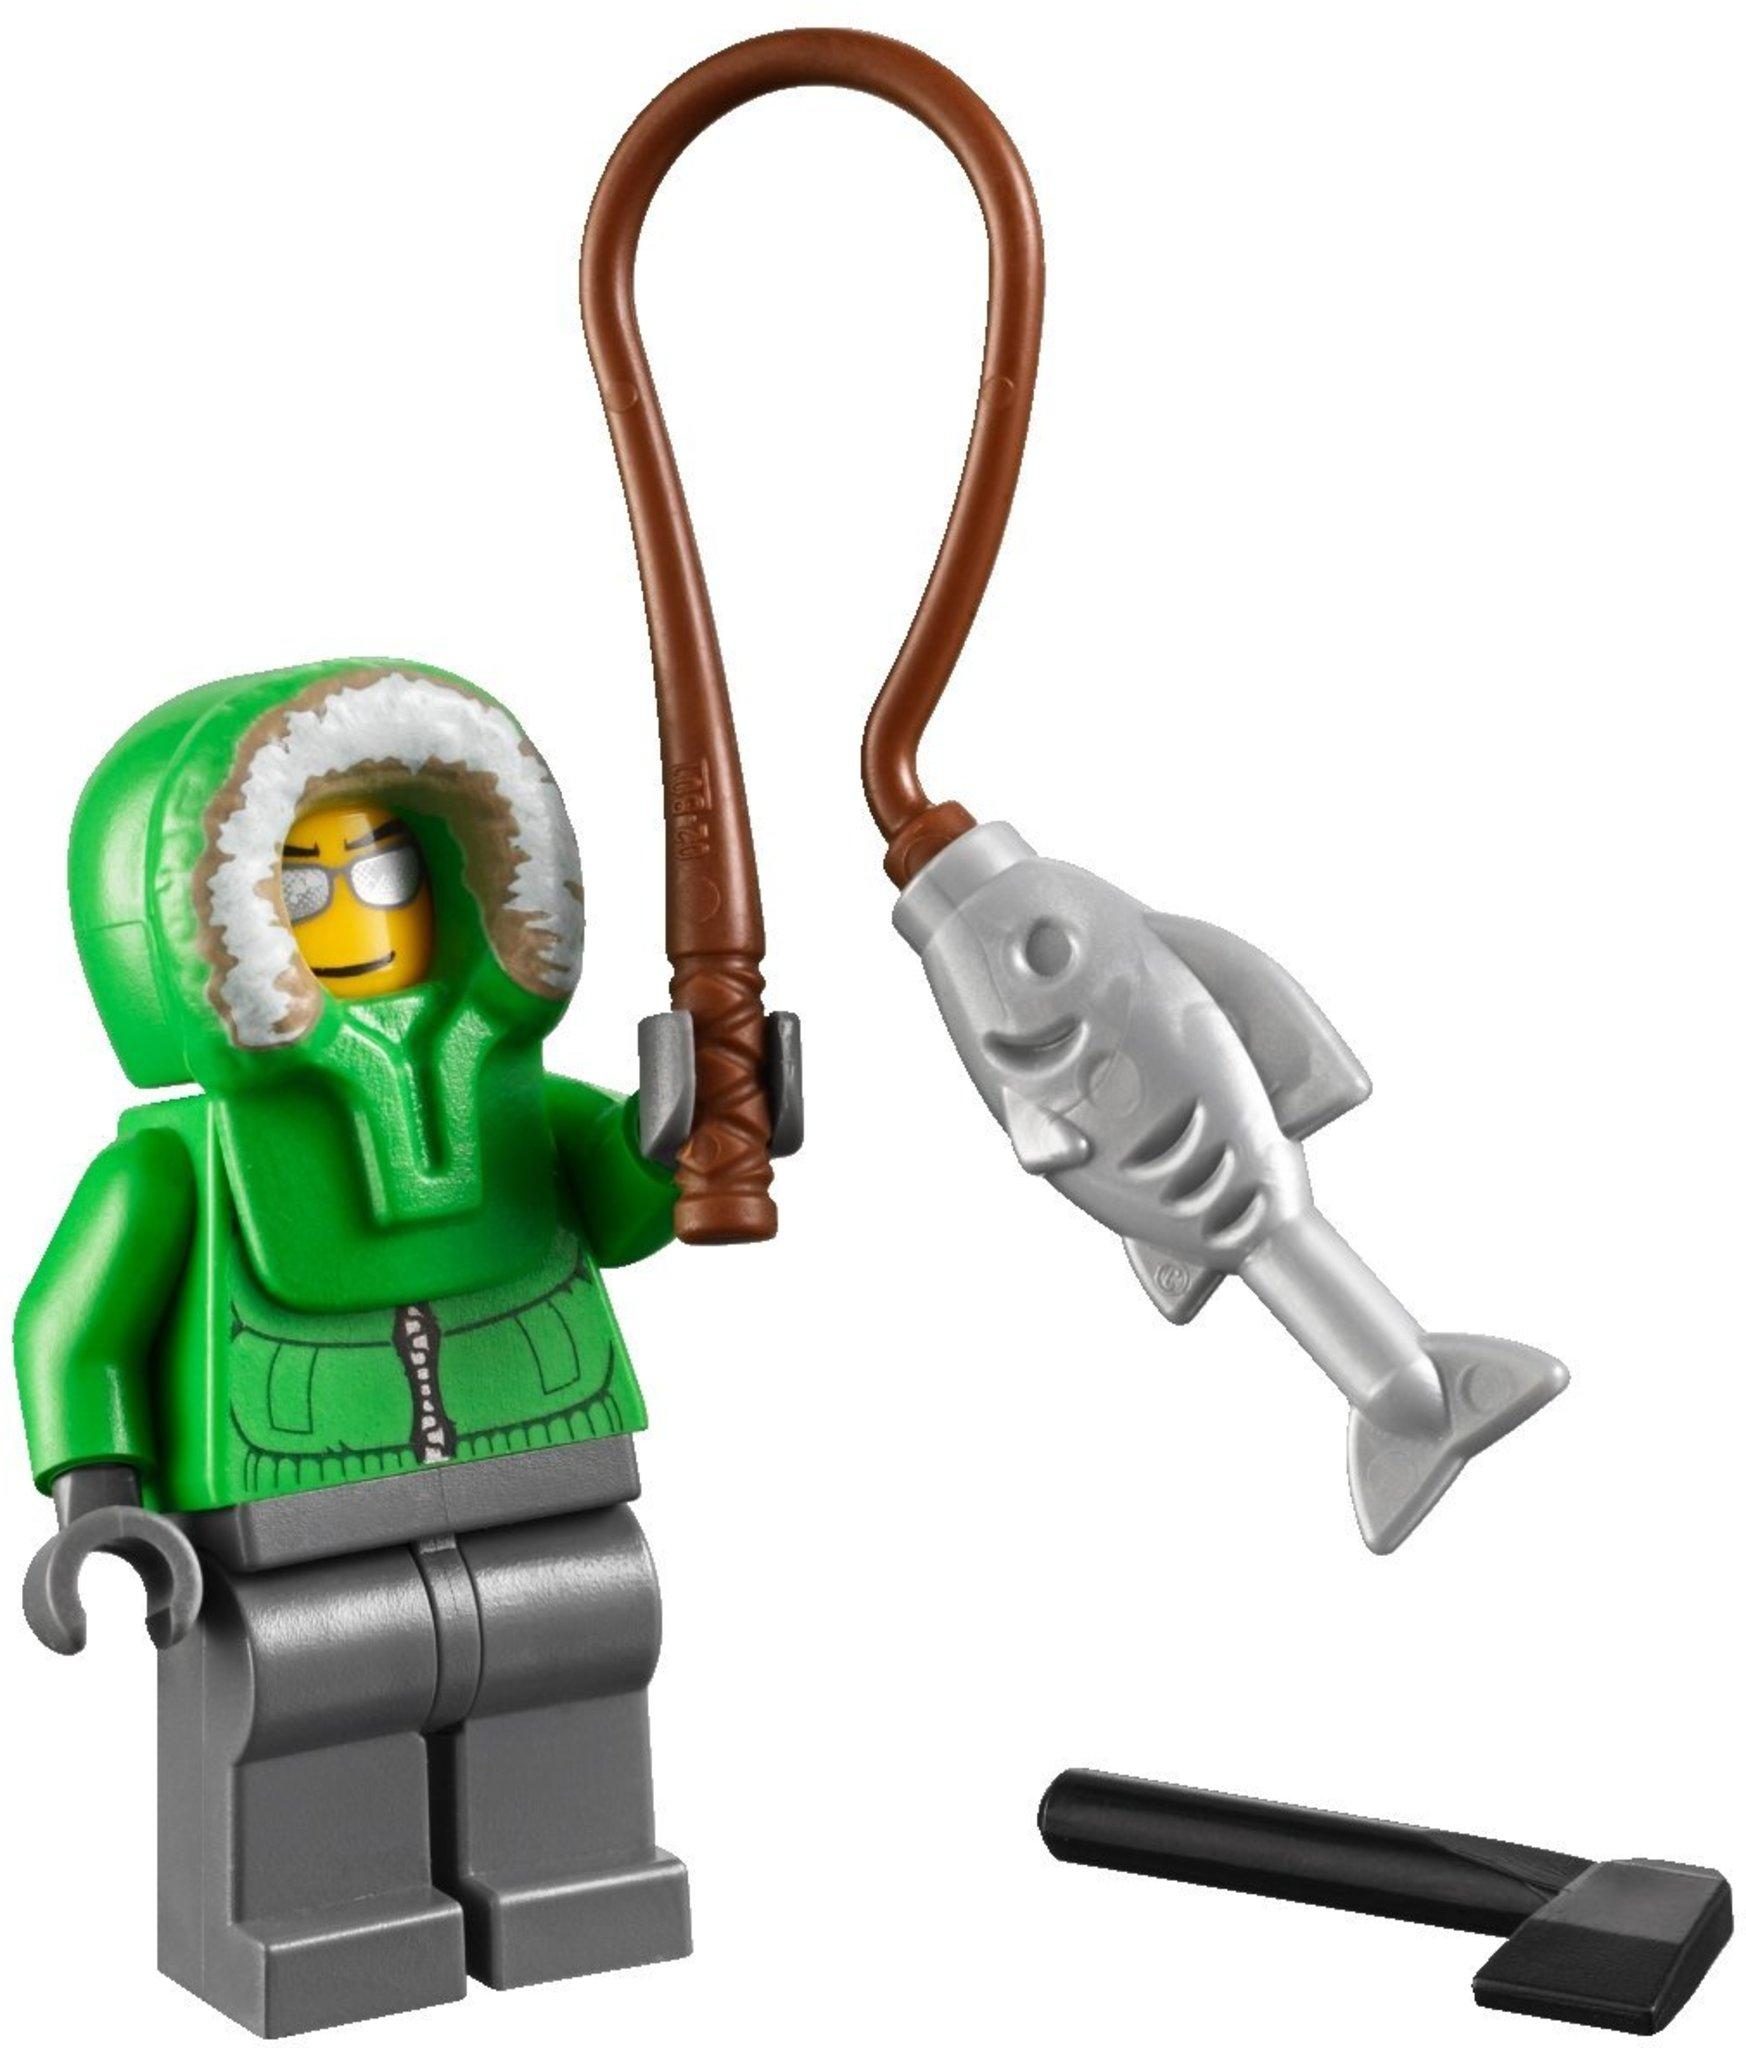 LEGO City 7553 - Calendario dell'Avvento | Mattonito